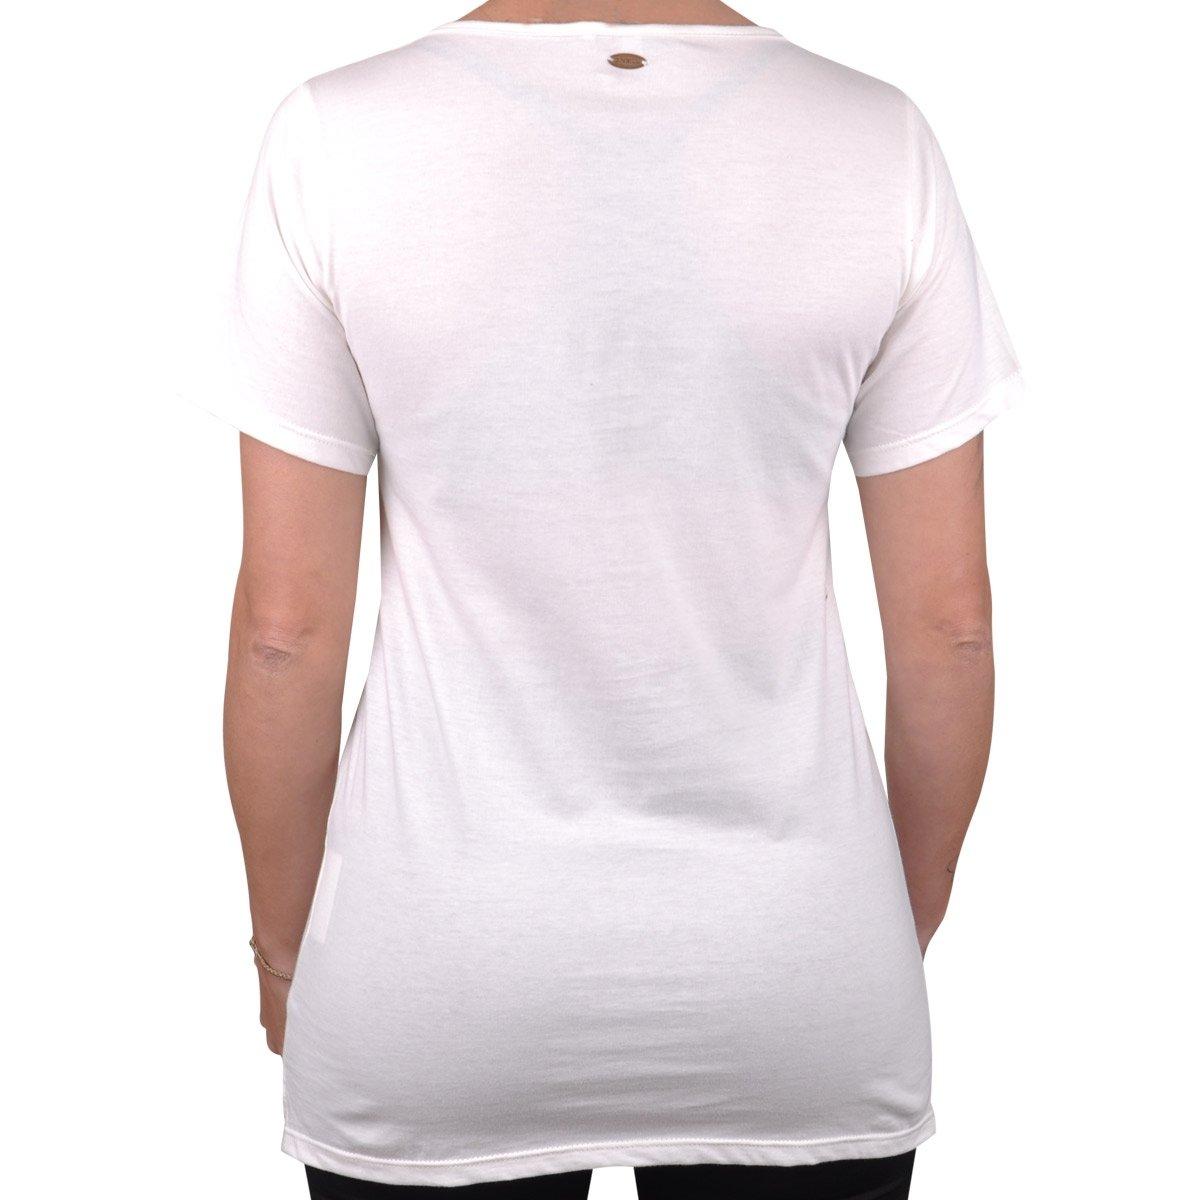 Feminina Branco O'neill Palm O'neill Camiseta O'neill Pretty Pretty Camiseta Branco Camiseta Pretty Feminina Palm UwRp7RB